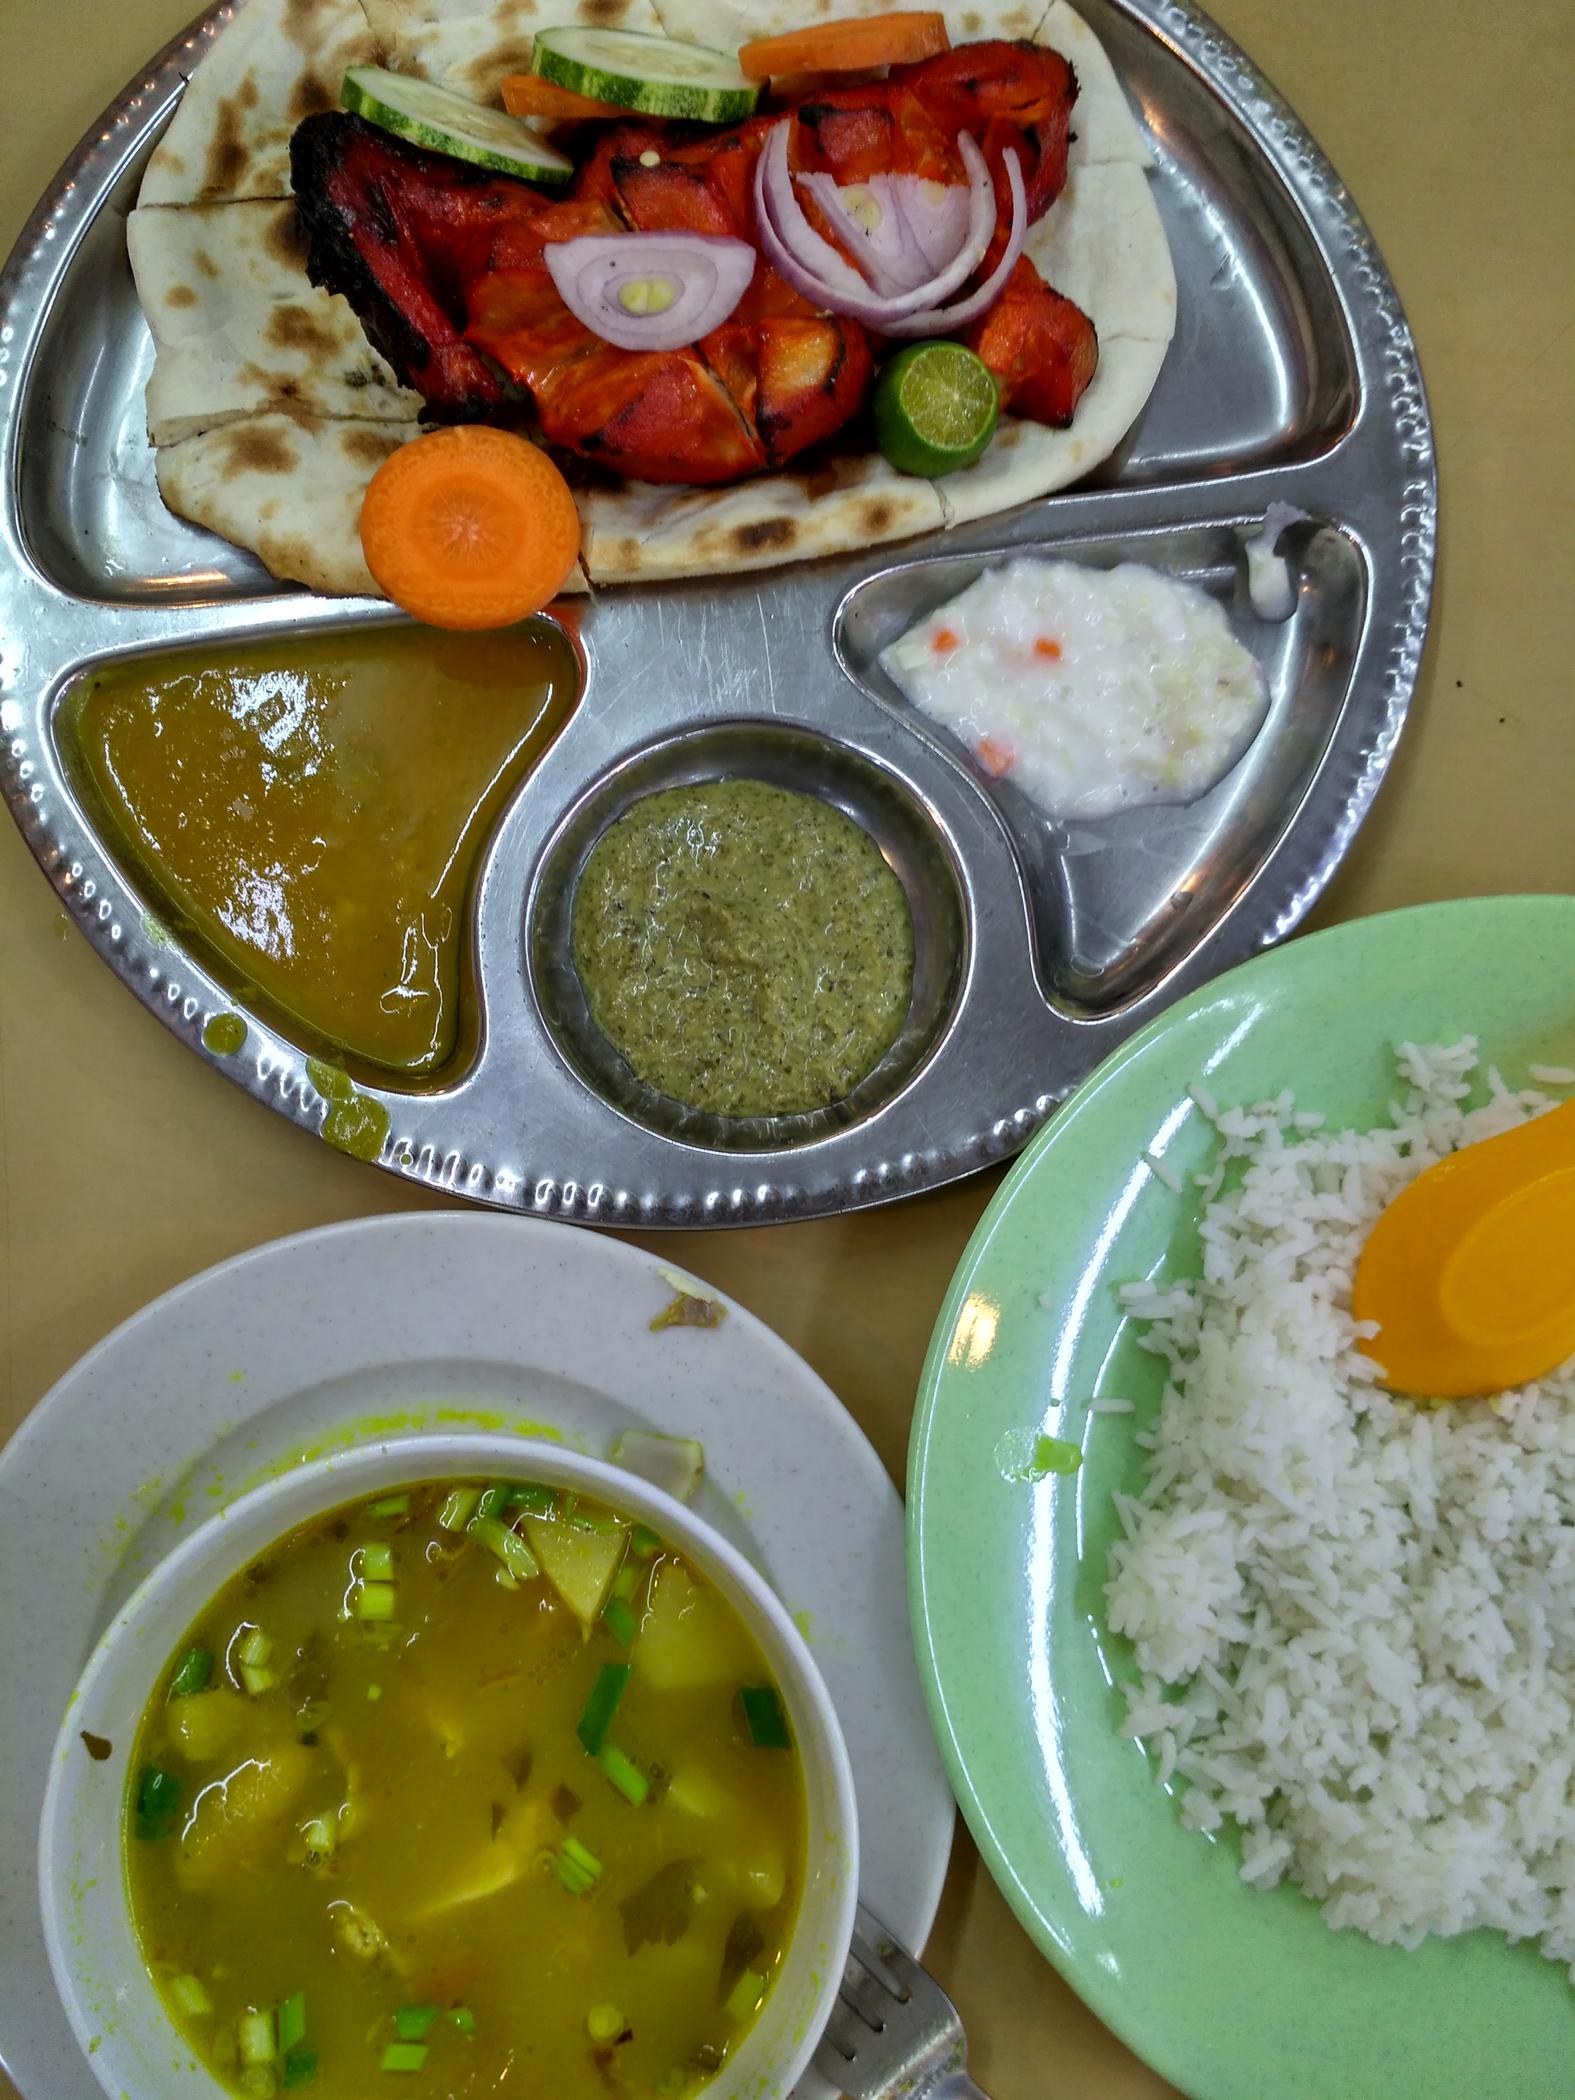 """Классическое индийское металлическое блюдо, на котором подают """"тали"""" - рис с набором разных карри. Но здесь - рис отдельно, а вместо него на блюде острая курочка на лепешке."""